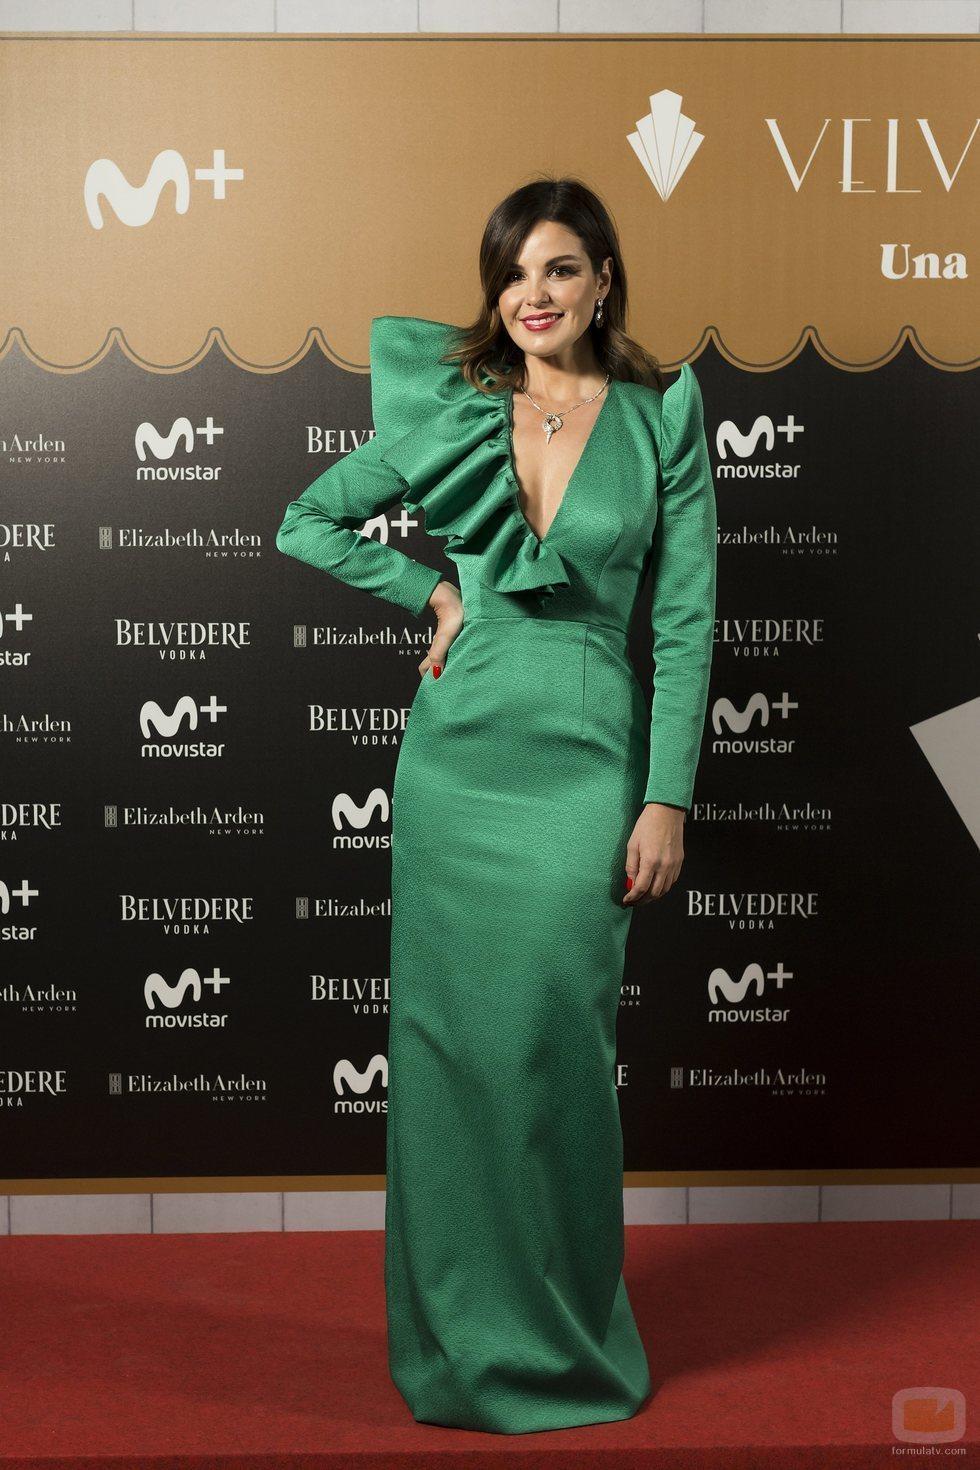 Marta Torné en el evento 'Velvet Colección: Episodio final'